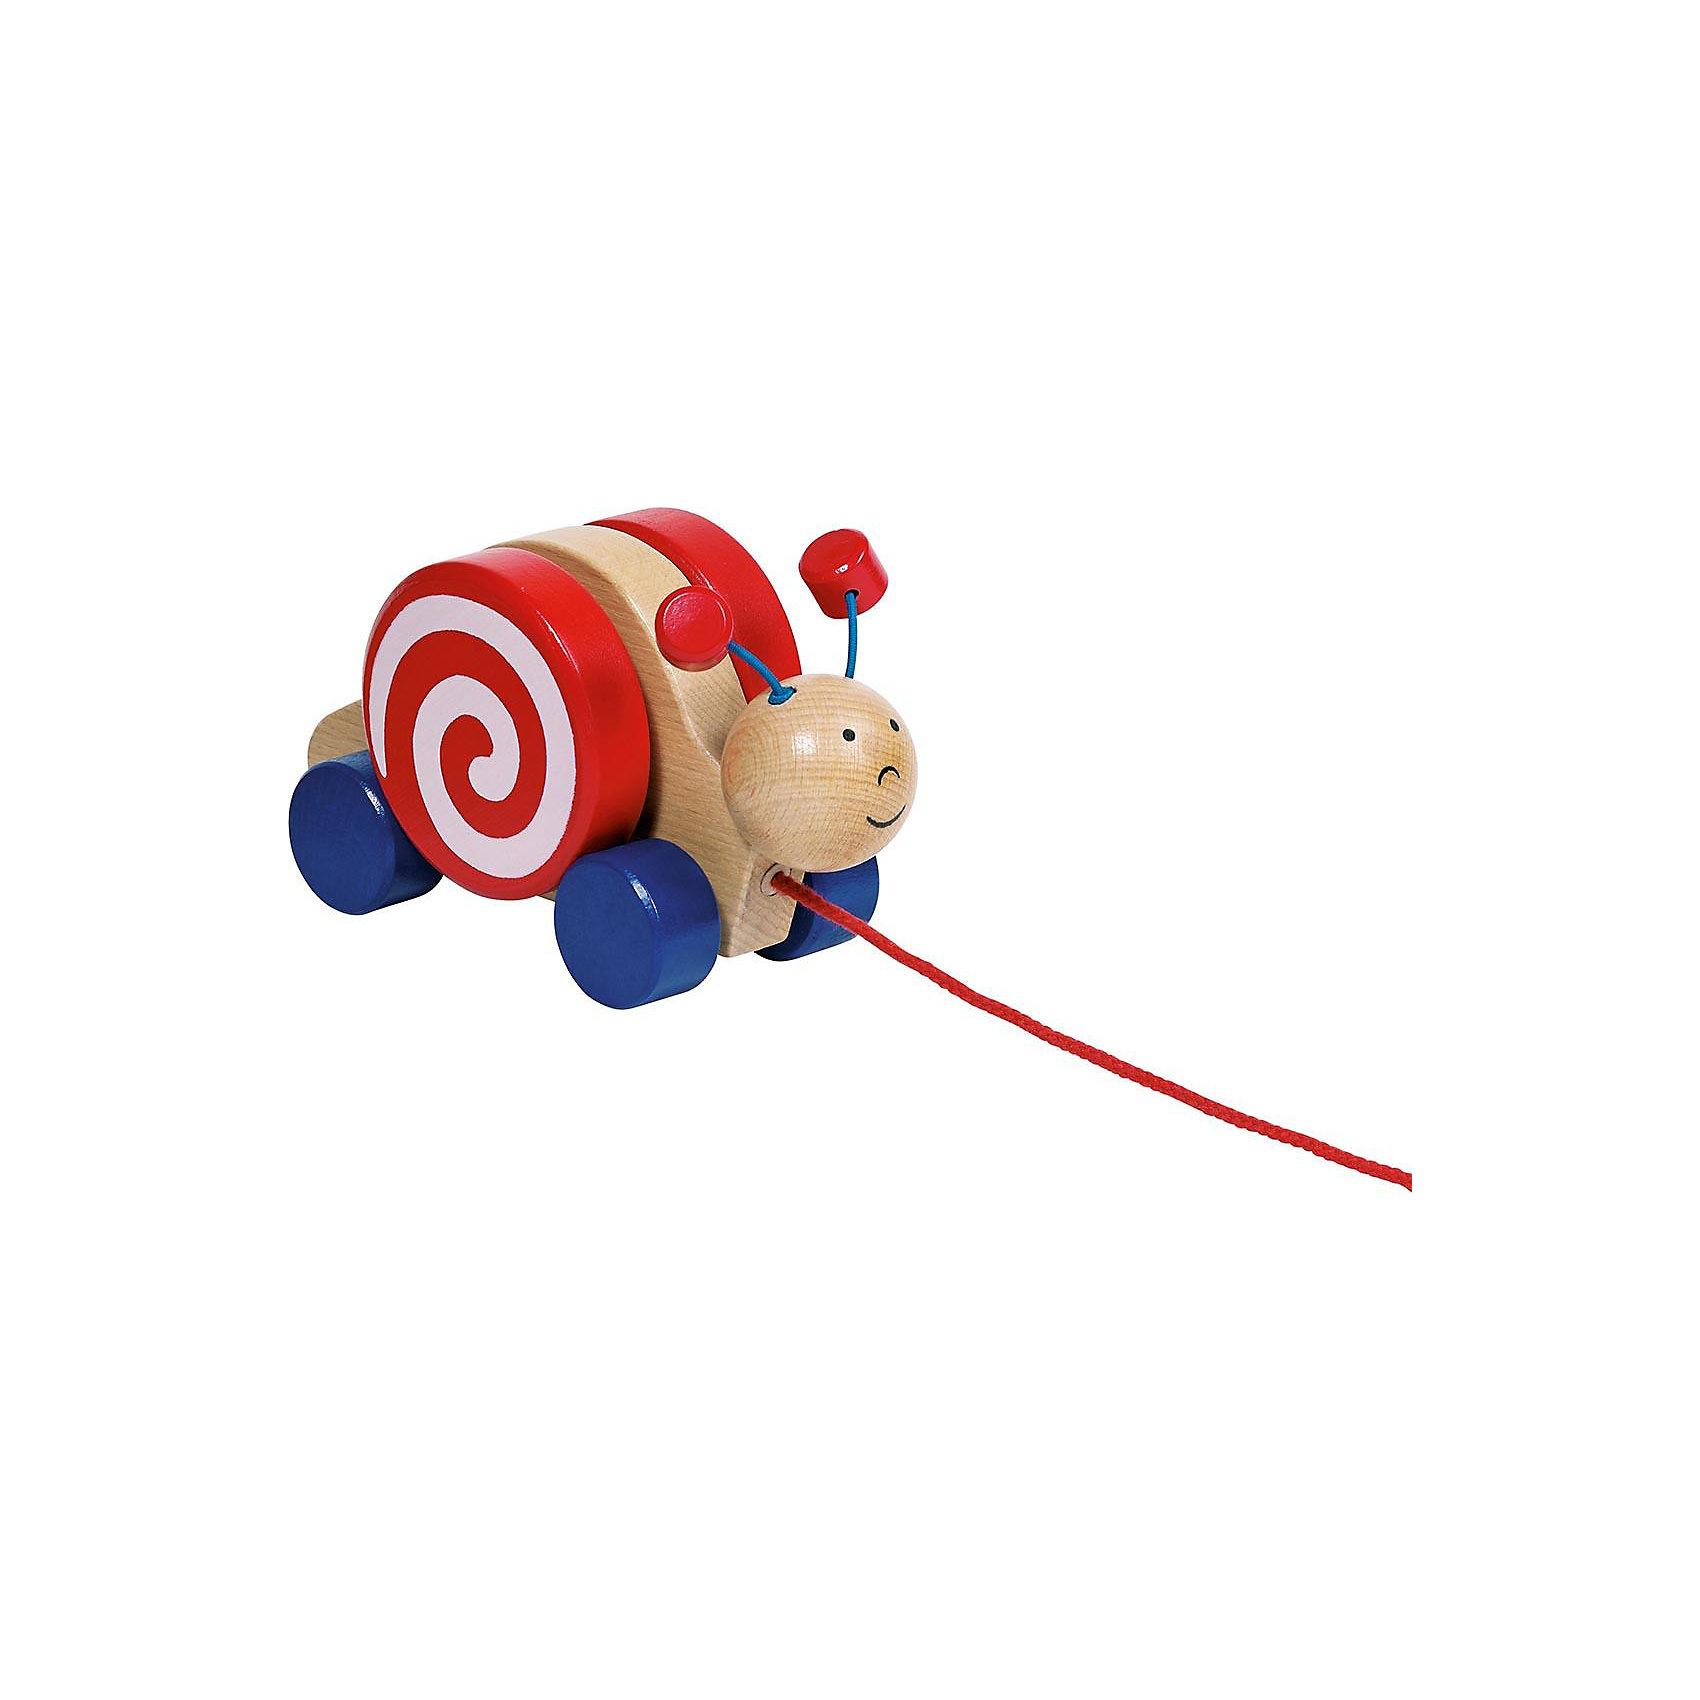 Каталка Улитка, gokiКаталка Улитка, goki (гоки) - это традиционная каталка с веревочкой, на четырех колесах.<br>Каталка на четырех колесиках Goki Улитка прекрасно подойдет для игры дома или на свежем воздухе. Каталка выполнена в виде веселой улитки с забавными подвижными рожками. Чтобы каталка двигалась, нужно только тянуть за шнурок. Каталка изготовлена из высококачественной древесины, не имеет острых углов, и окрашена стойкими яркими красками на водной основе. Игры с каталкой стимулируют двигательную активность ребенка, развивают координацию движений и наглядно-действенное мышление.<br><br>Дополнительная информация:<br><br>- Материал: древесина<br>- Размер каталки: 17 x 9 x 7 см.<br>- Длина шнурка: 66 см.<br><br>Каталку Улитка, goki (гоки) можно купить в нашем интернет-магазине.<br><br>Ширина мм: 189<br>Глубина мм: 108<br>Высота мм: 81<br>Вес г: 340<br>Возраст от месяцев: 12<br>Возраст до месяцев: 24<br>Пол: Унисекс<br>Возраст: Детский<br>SKU: 4201404